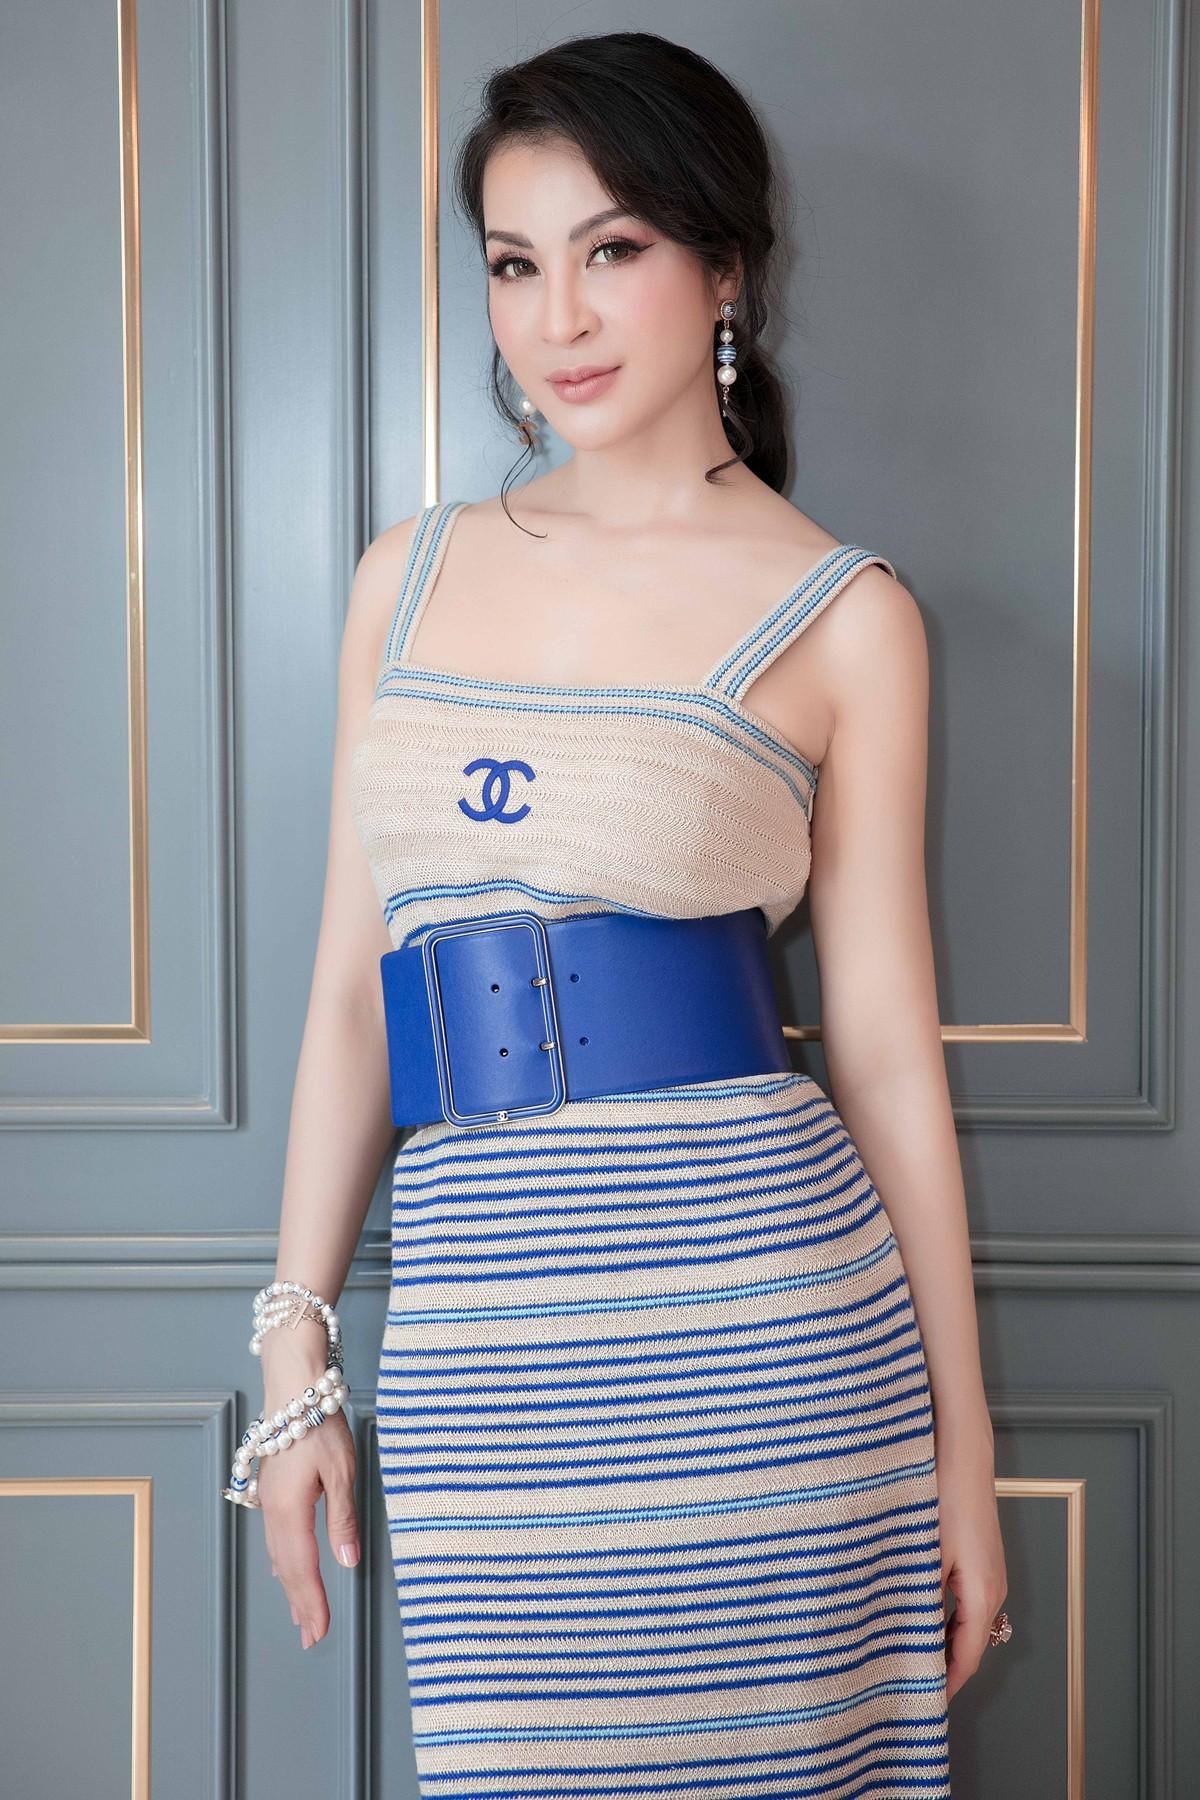 MC Thanh Mai khoe lưng trần gợi cảm ở tuổi trung niên - Ảnh 1.